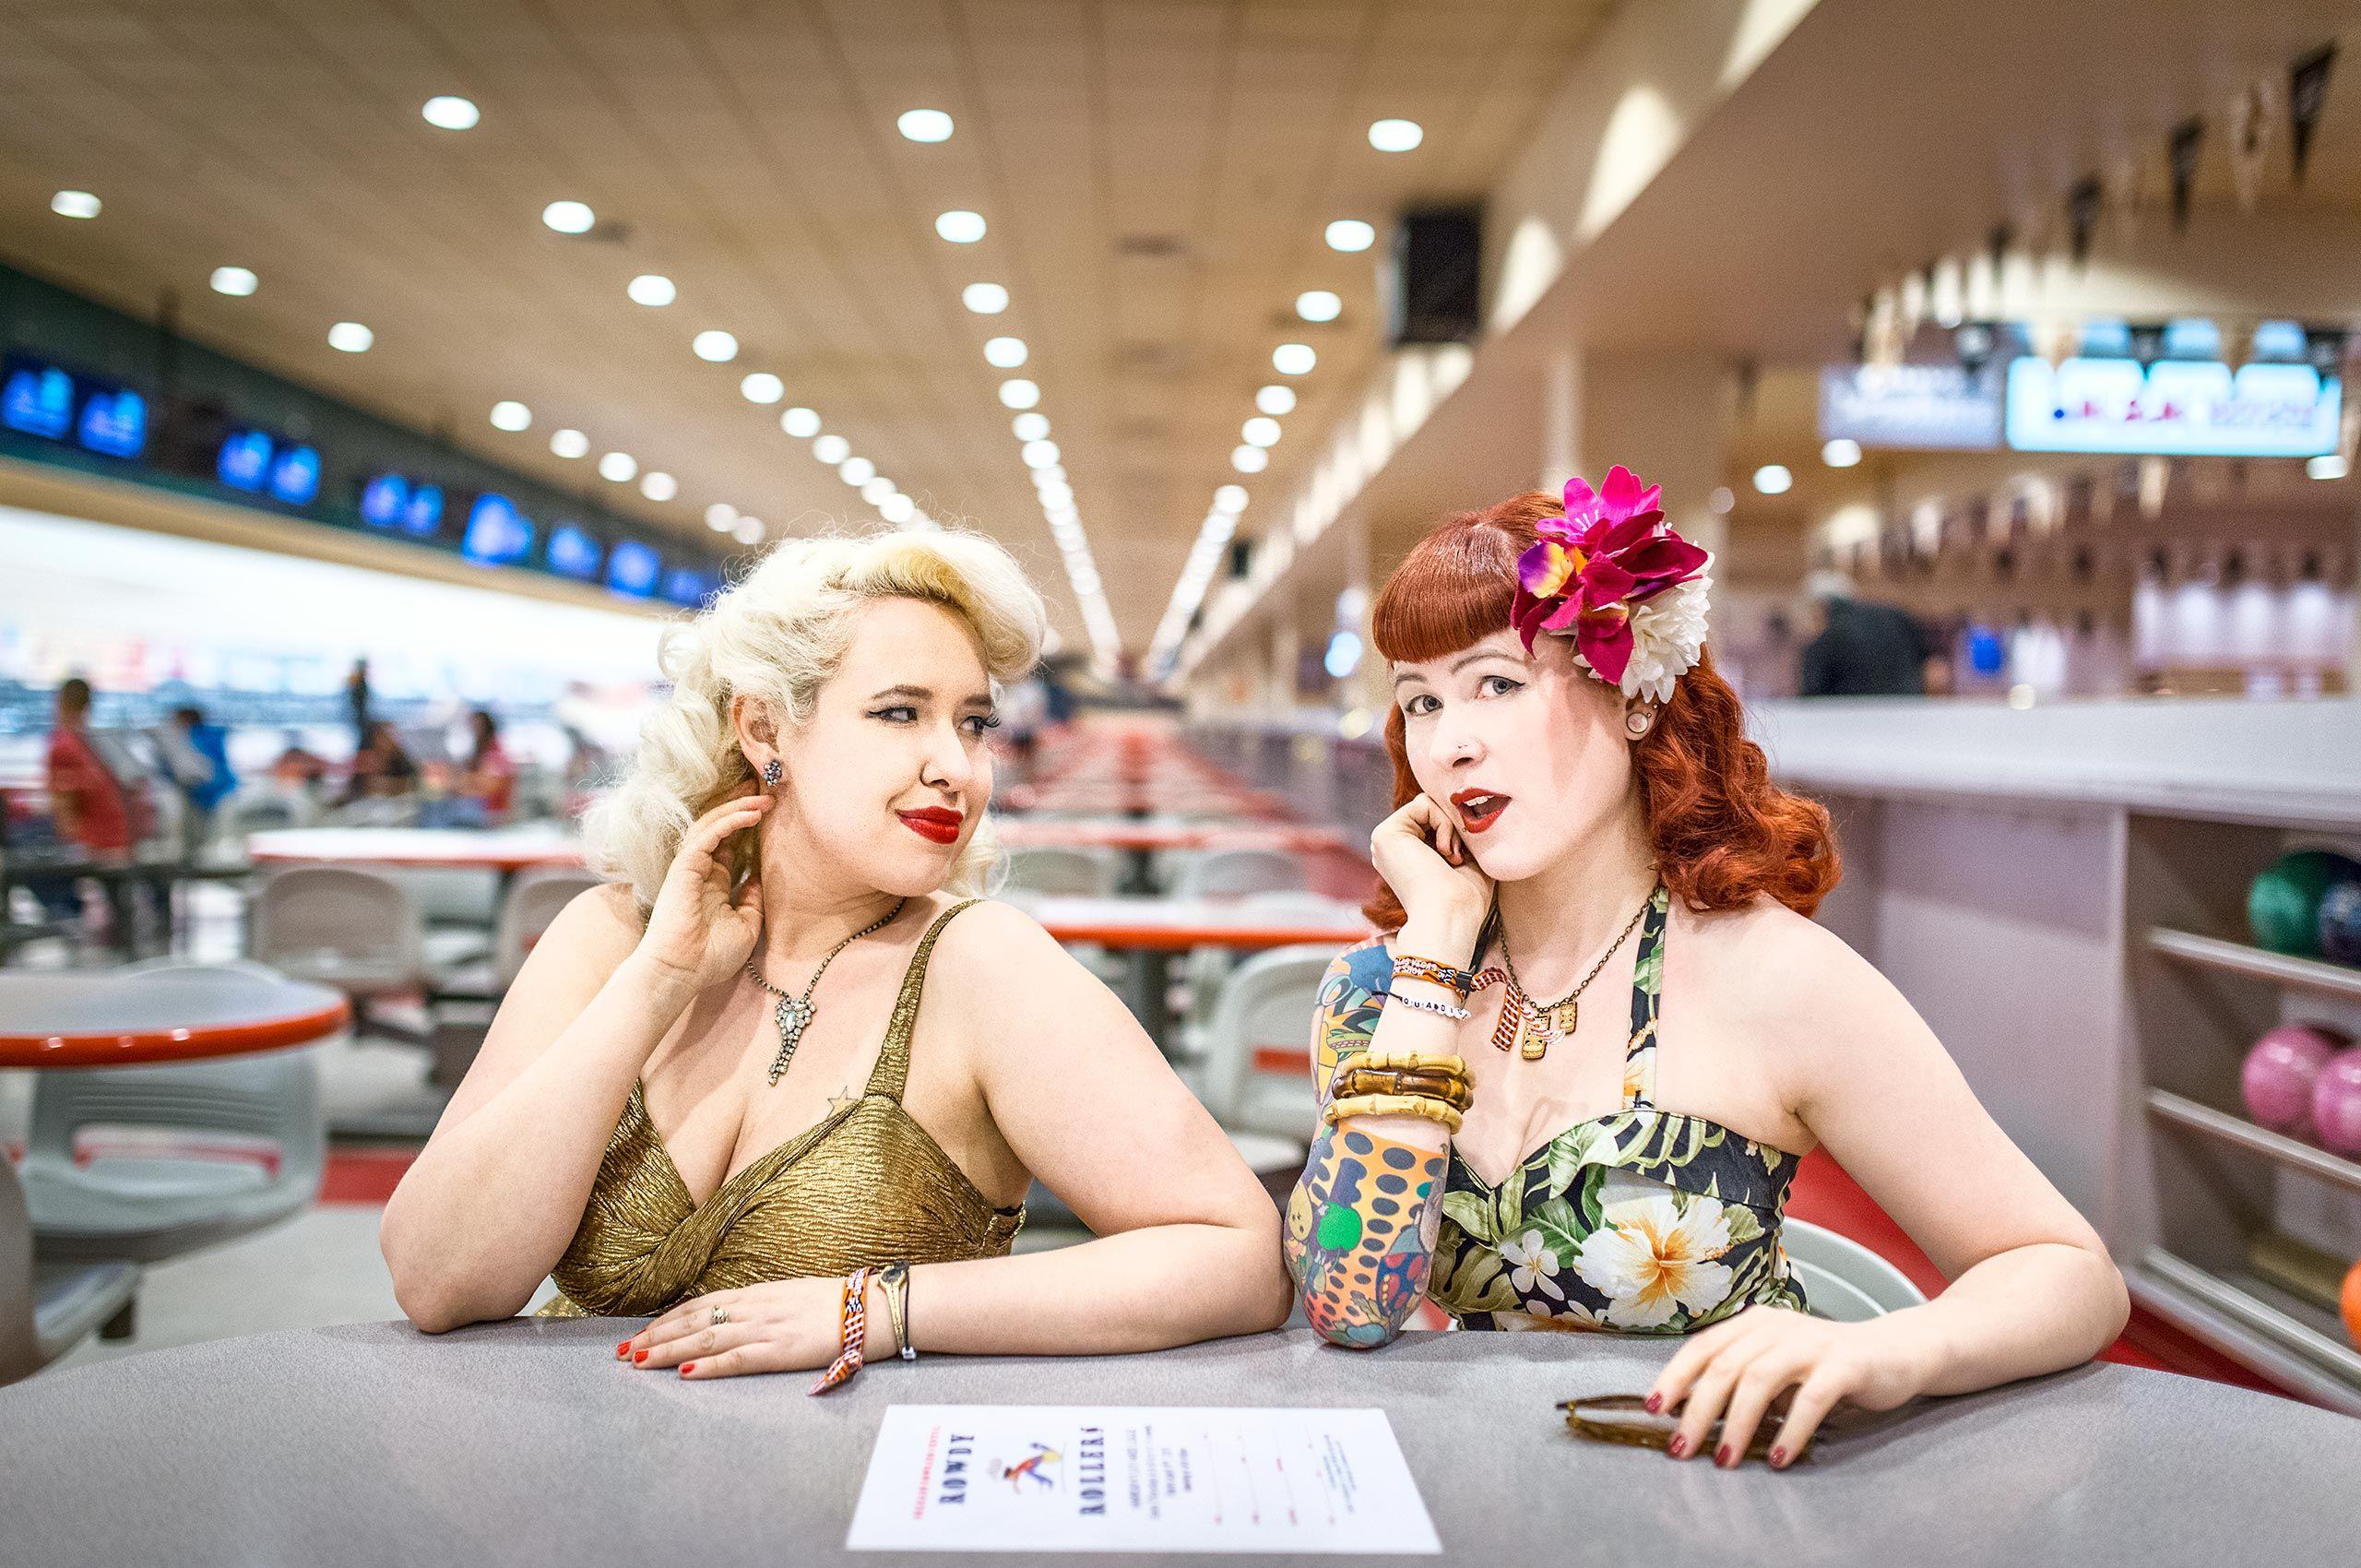 rockabilly-girls-by-table-HenrikOlundPhotography.jpg